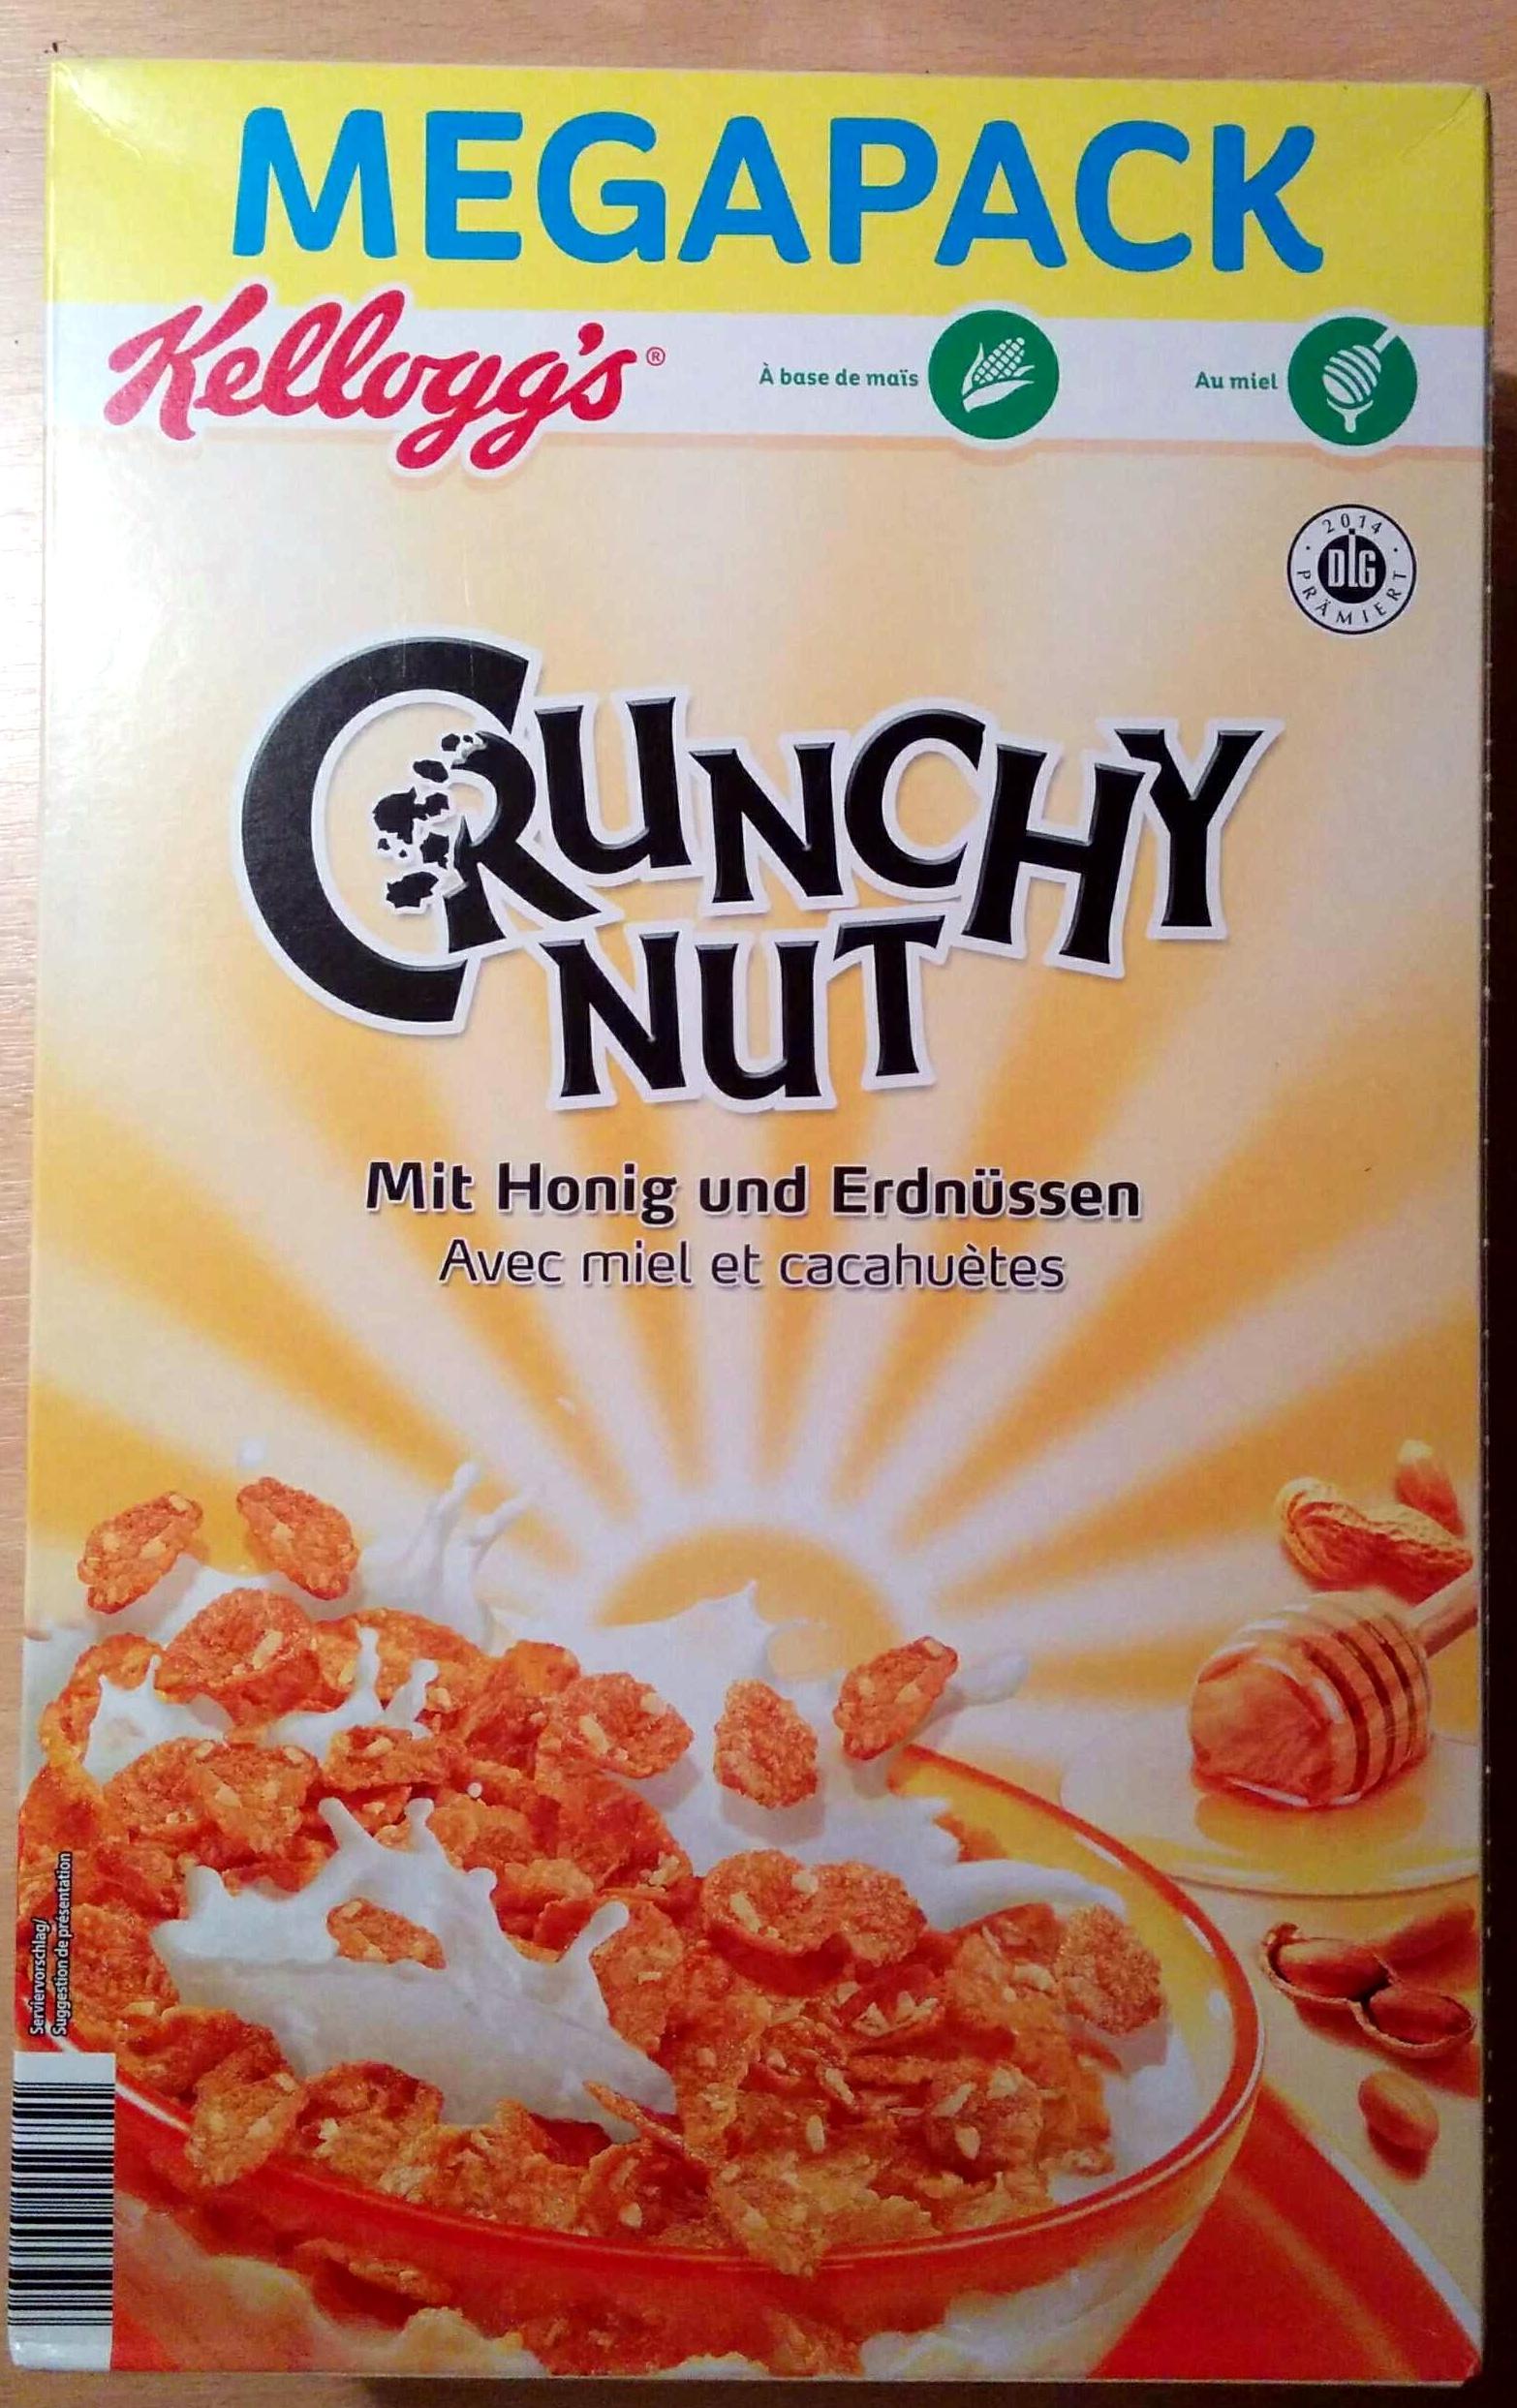 Crunchy Nut - Product - de